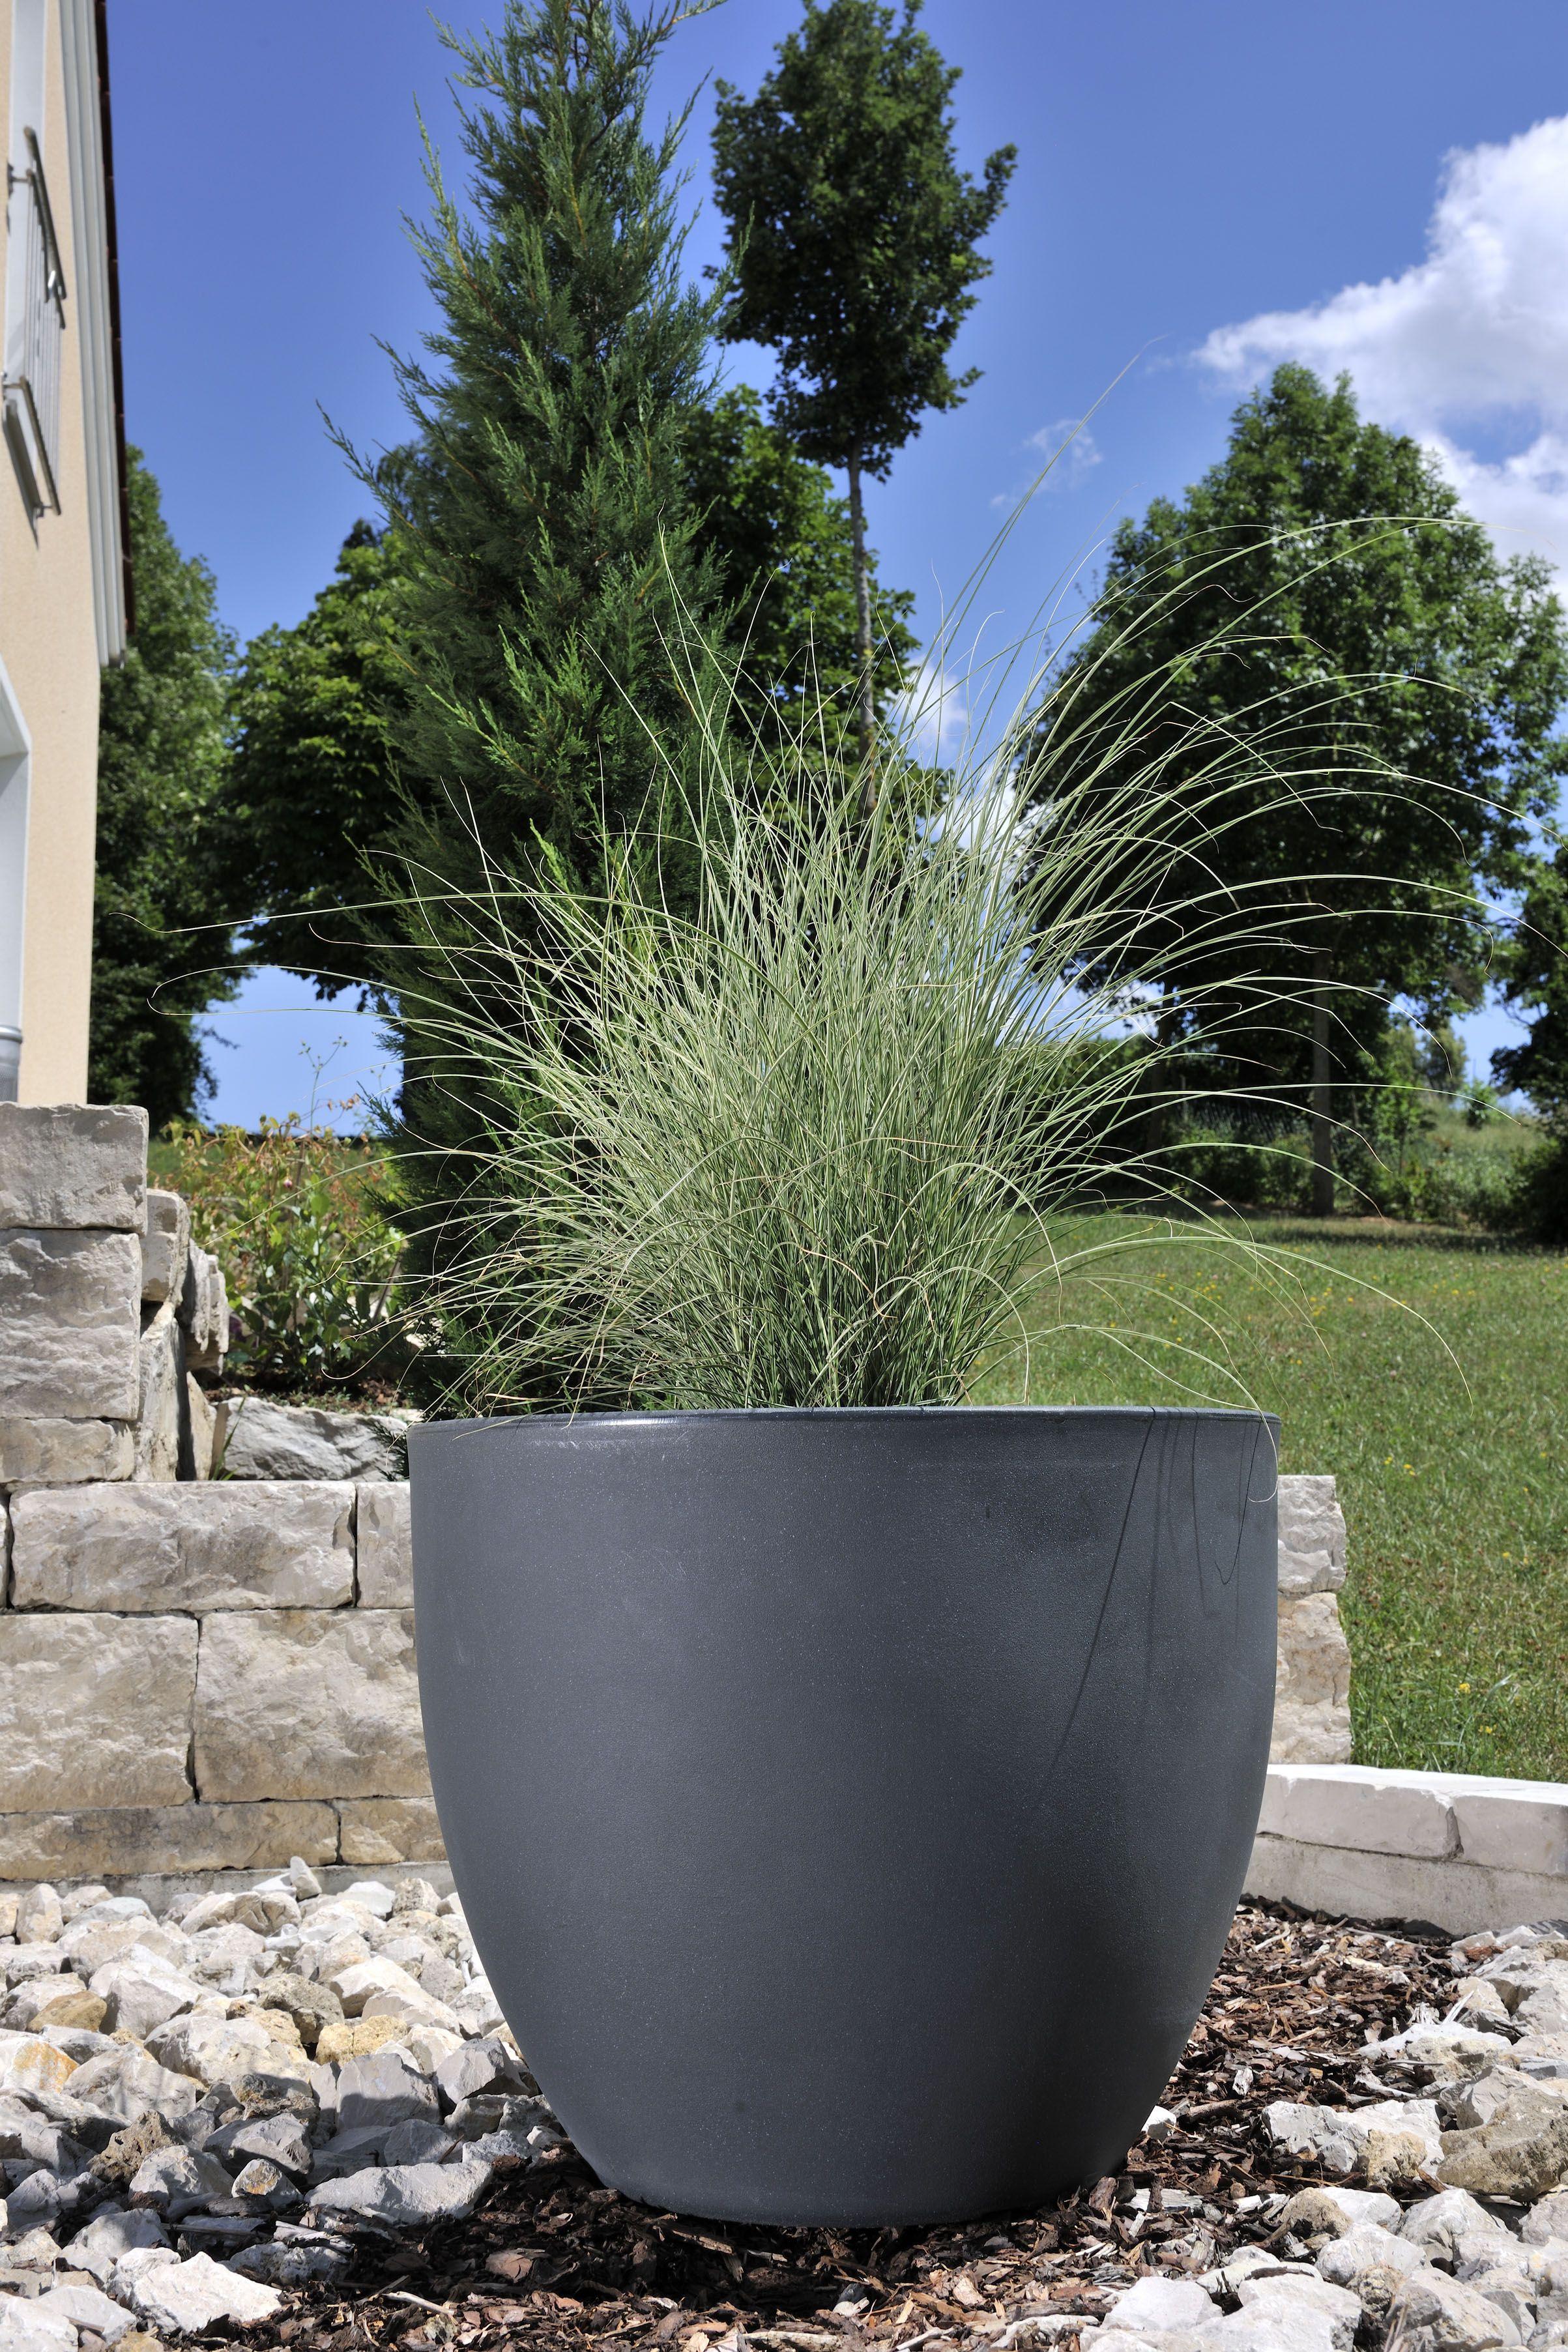 pin von pflanzkuebel auf inspirations pinterest pflanzen garten und pflanzk bel. Black Bedroom Furniture Sets. Home Design Ideas